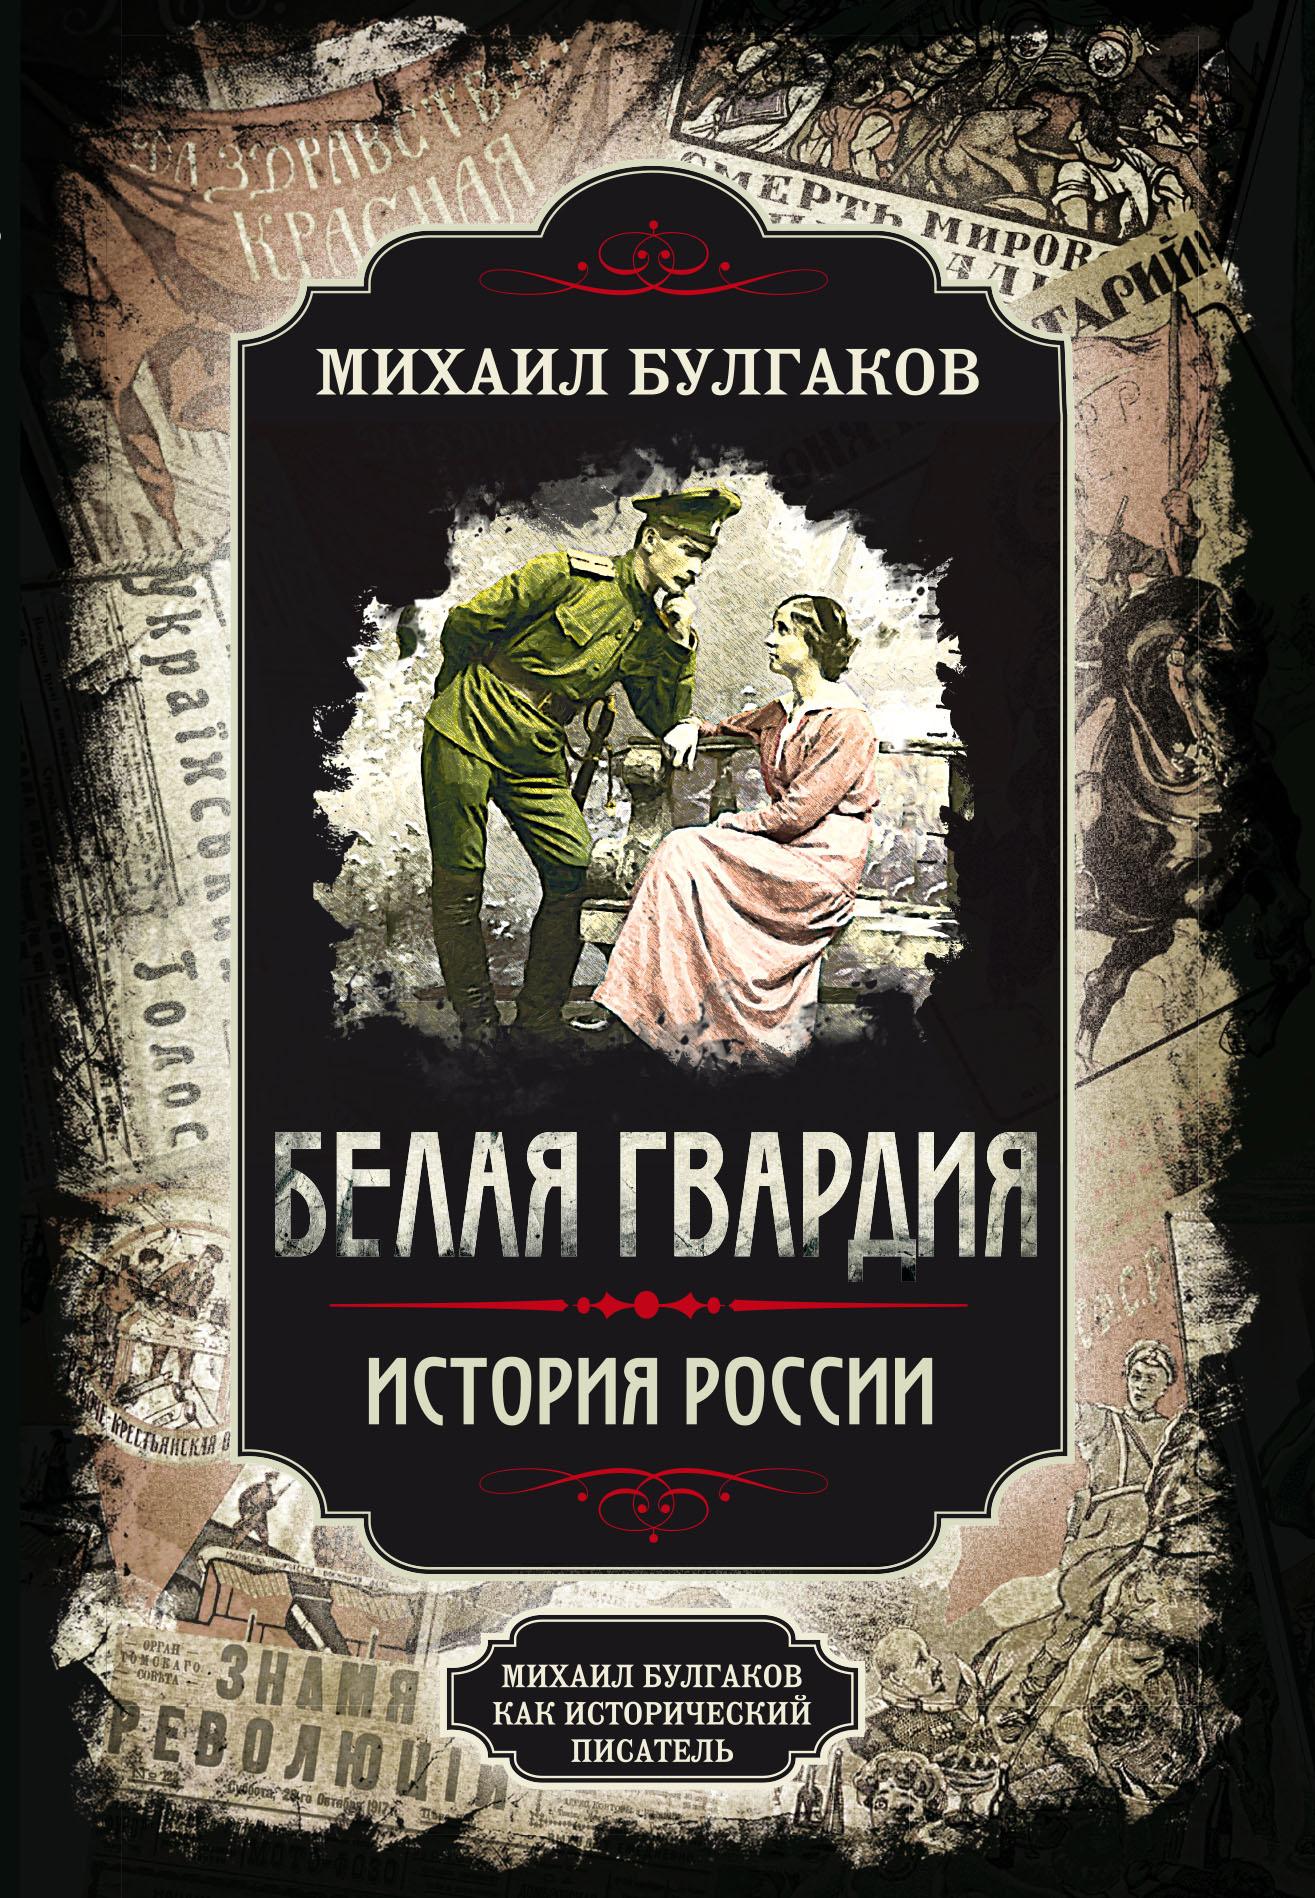 belaya gvardiya mikhail bulgakov kak istoricheskiy pisatel